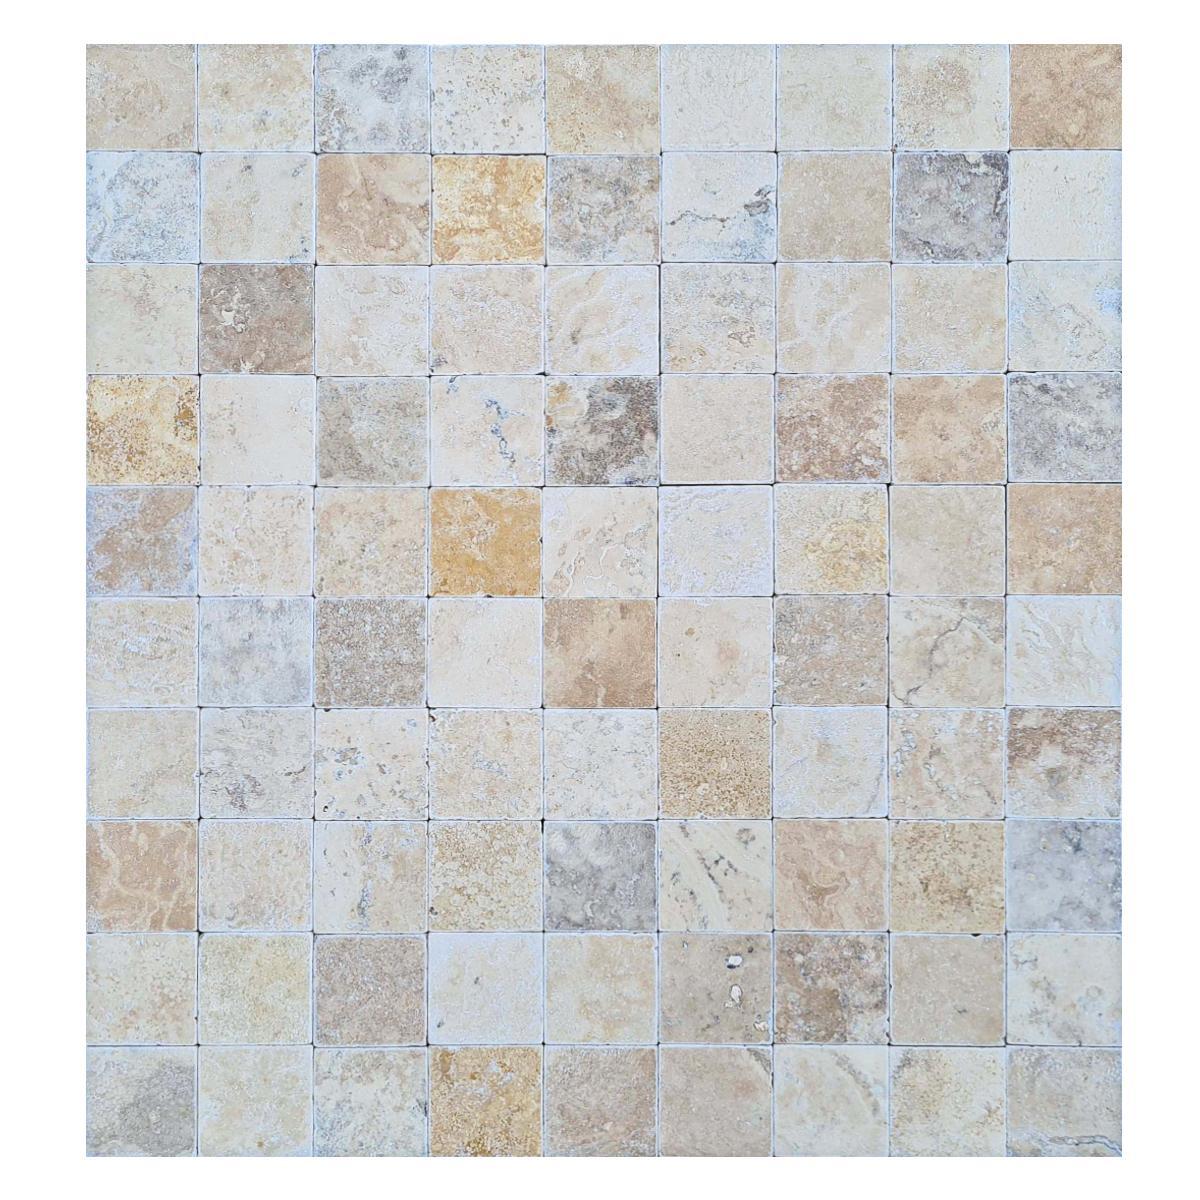 Mármol Travertino Envejecido Crema/Amarillo Rústico - 10X10 cm - 0.96 m2